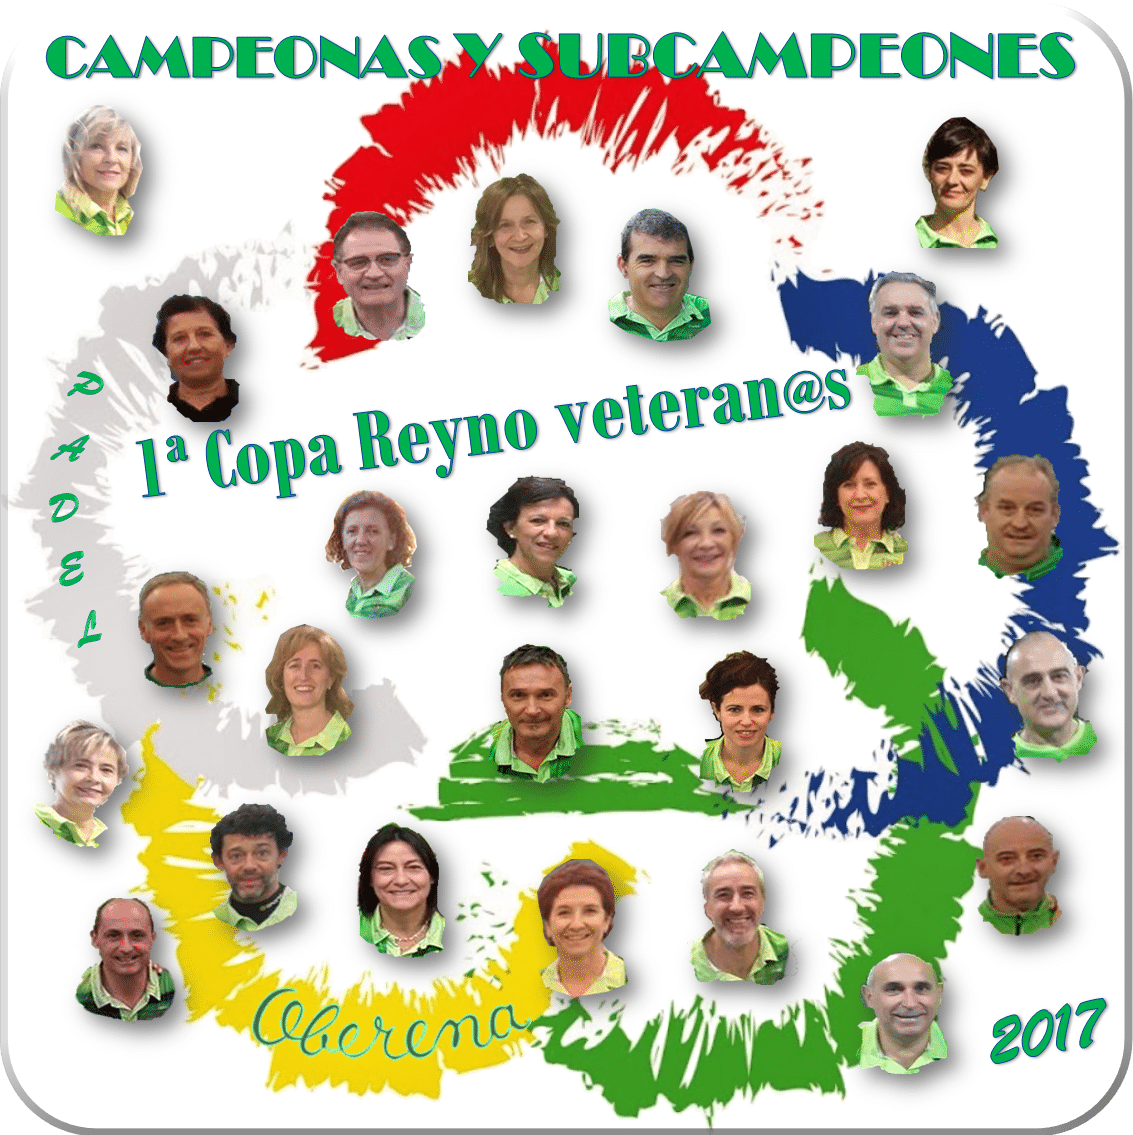 Copa Reyno Padel veteran@s